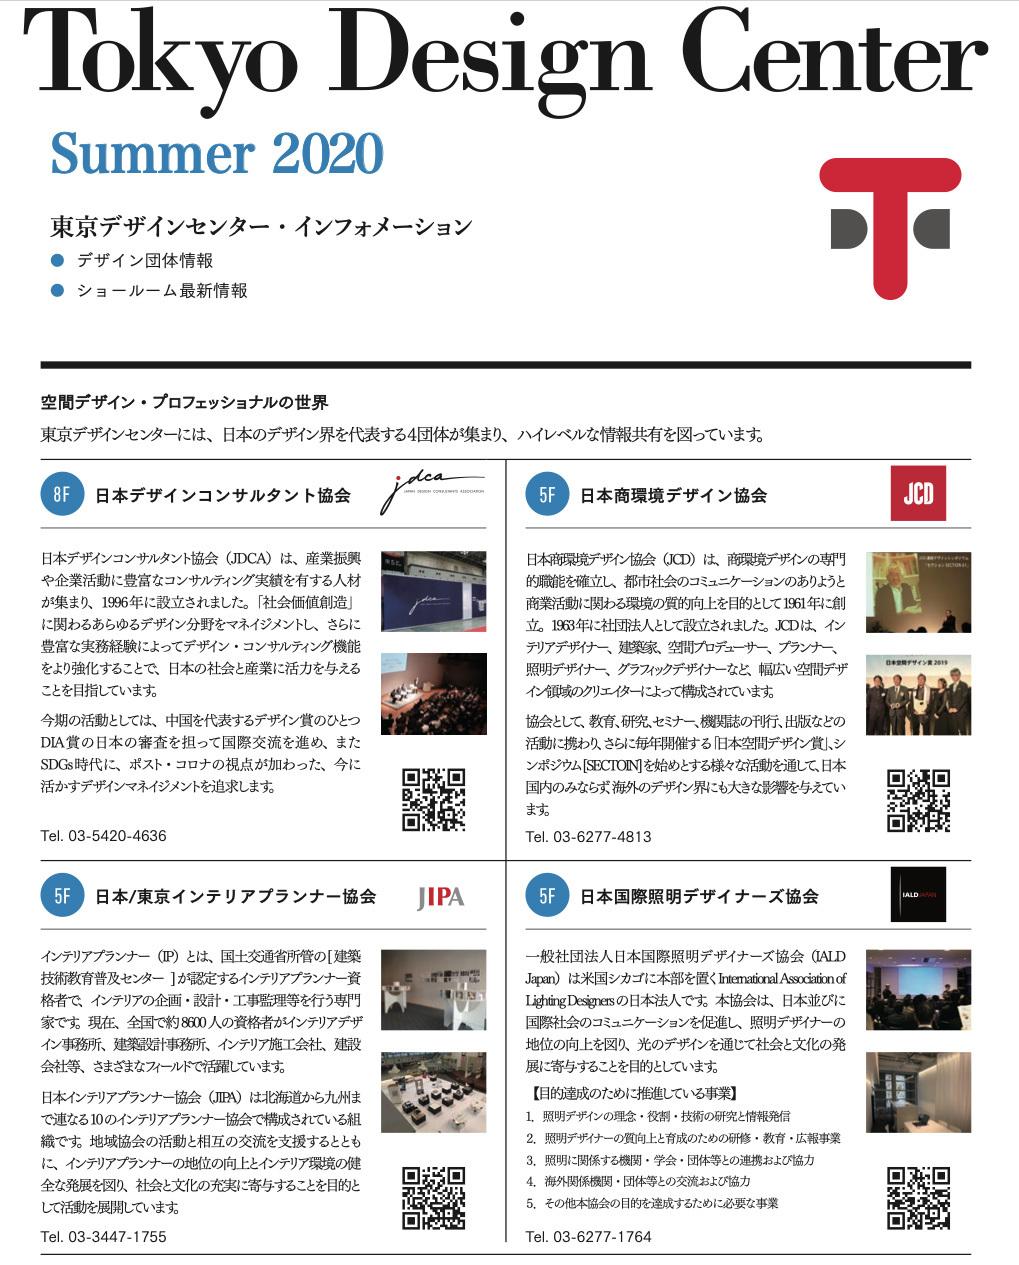 東京デザインセンター 2020 Summer_b0071291_13533113.jpg